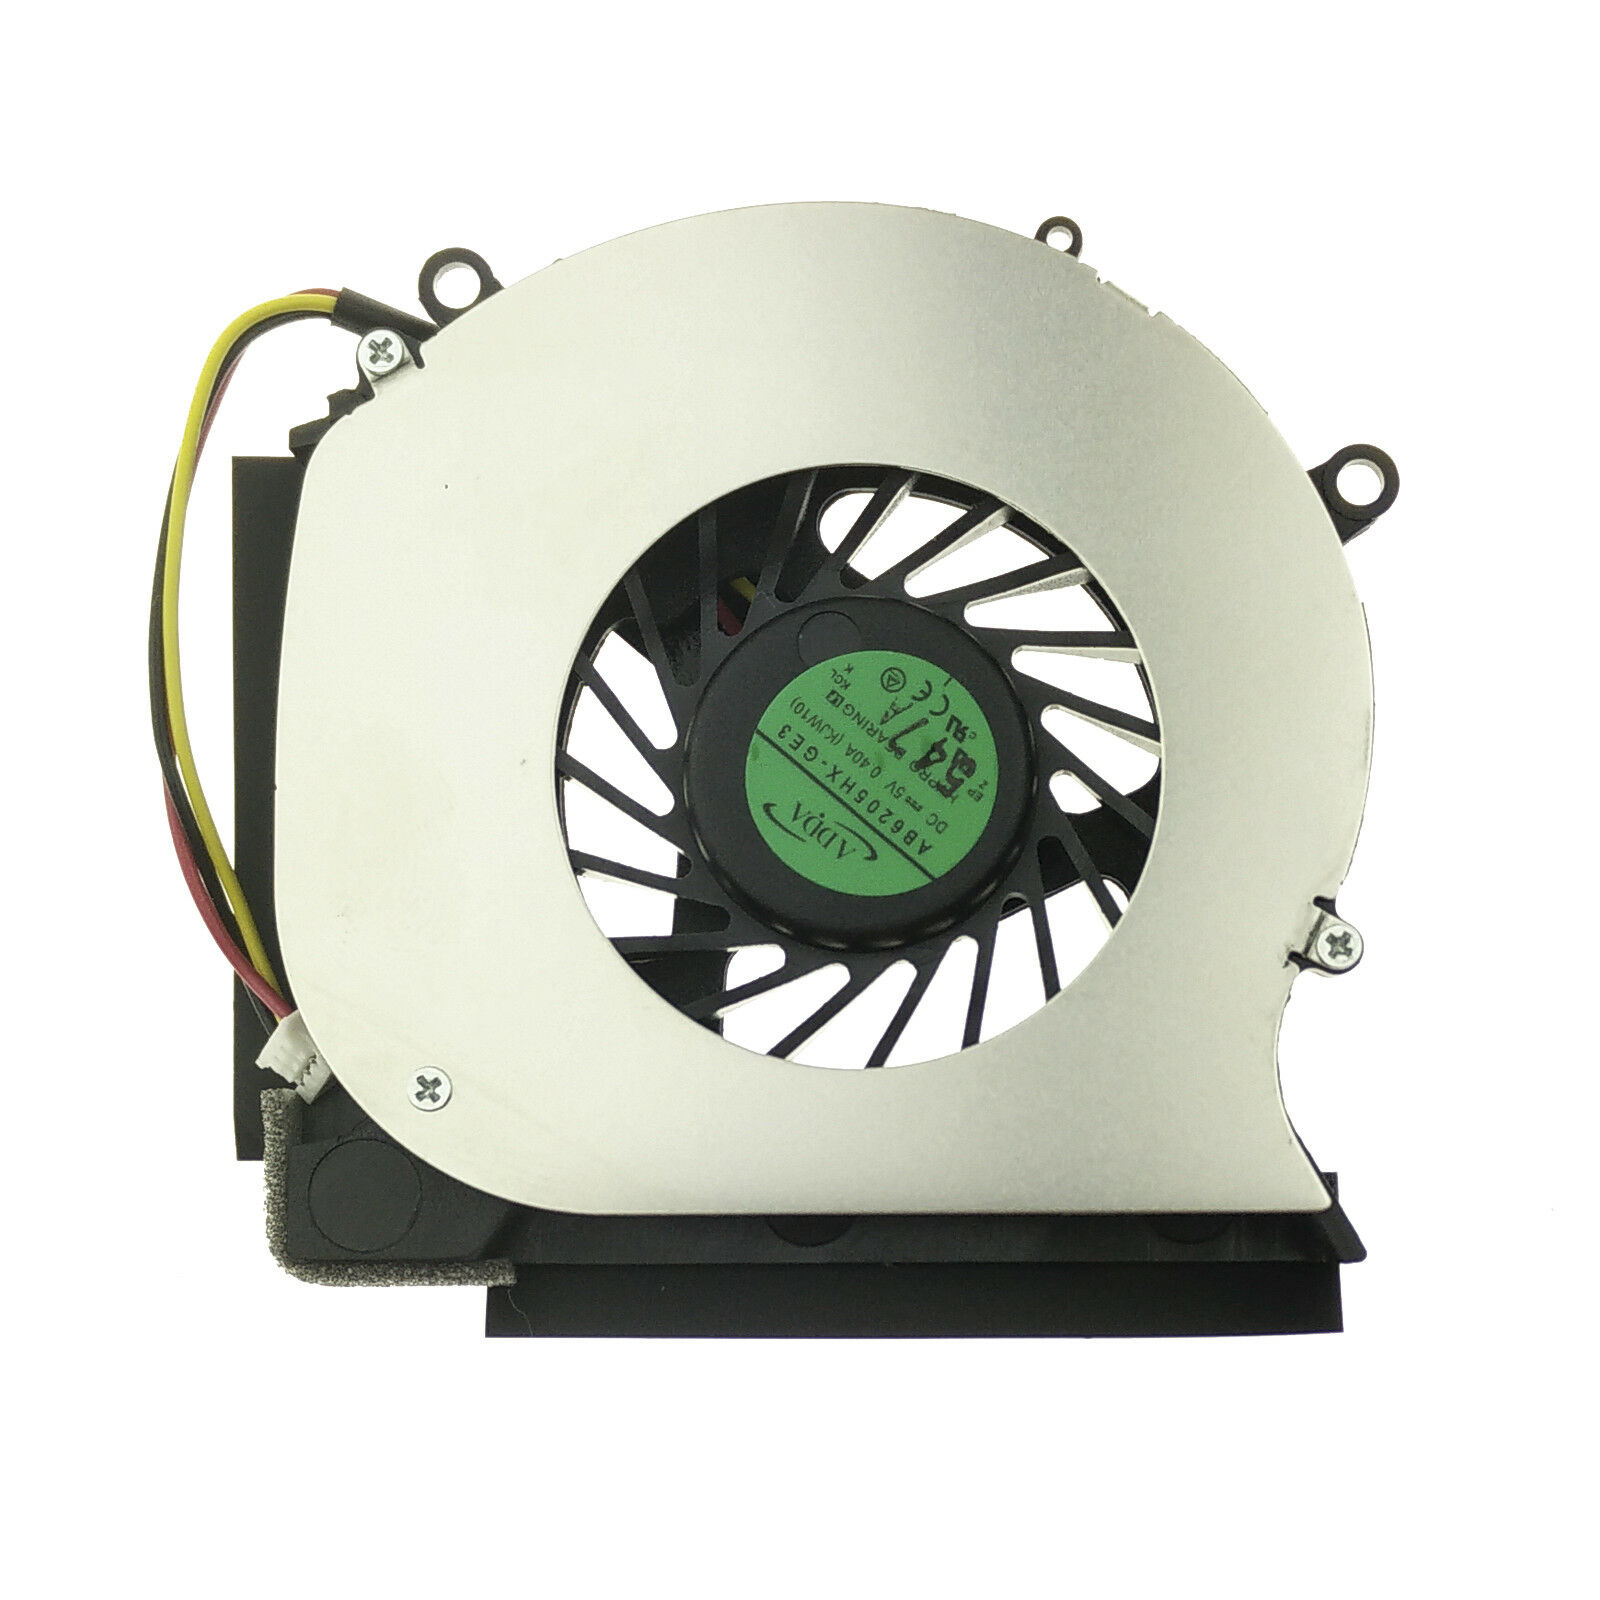 Ventilador HP cq35 dv3